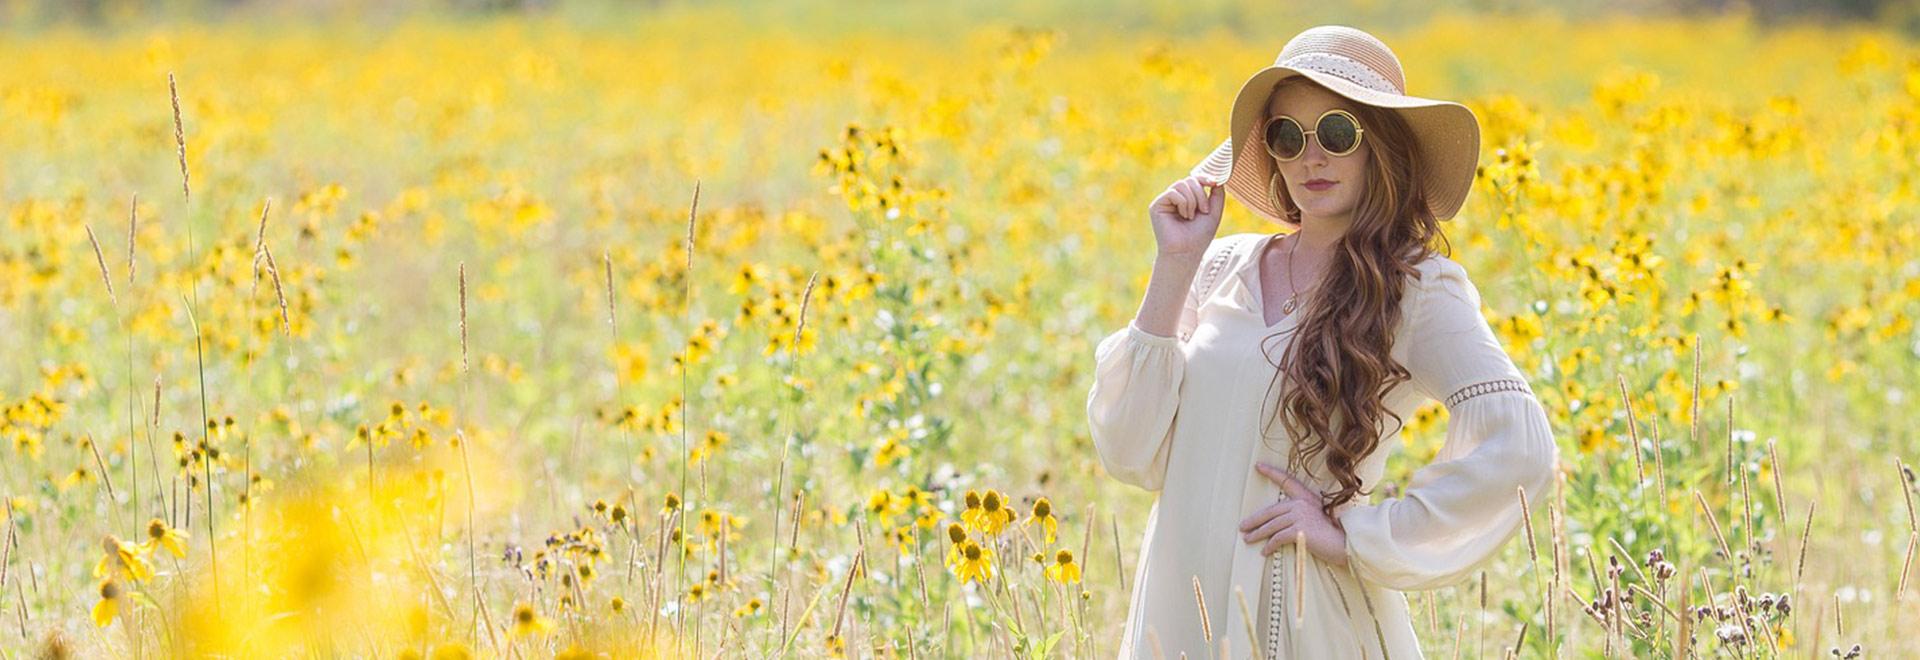 Nasze kosmetyki są stworzone tak, by mogły być stosowane przez wegan. Nie zawierają składników odzwierzęcych, a jedynie surowce naturalne, pozyskane w etyczny sposób, które zapewniają bezpośrednie korzyści Twojej skórze.